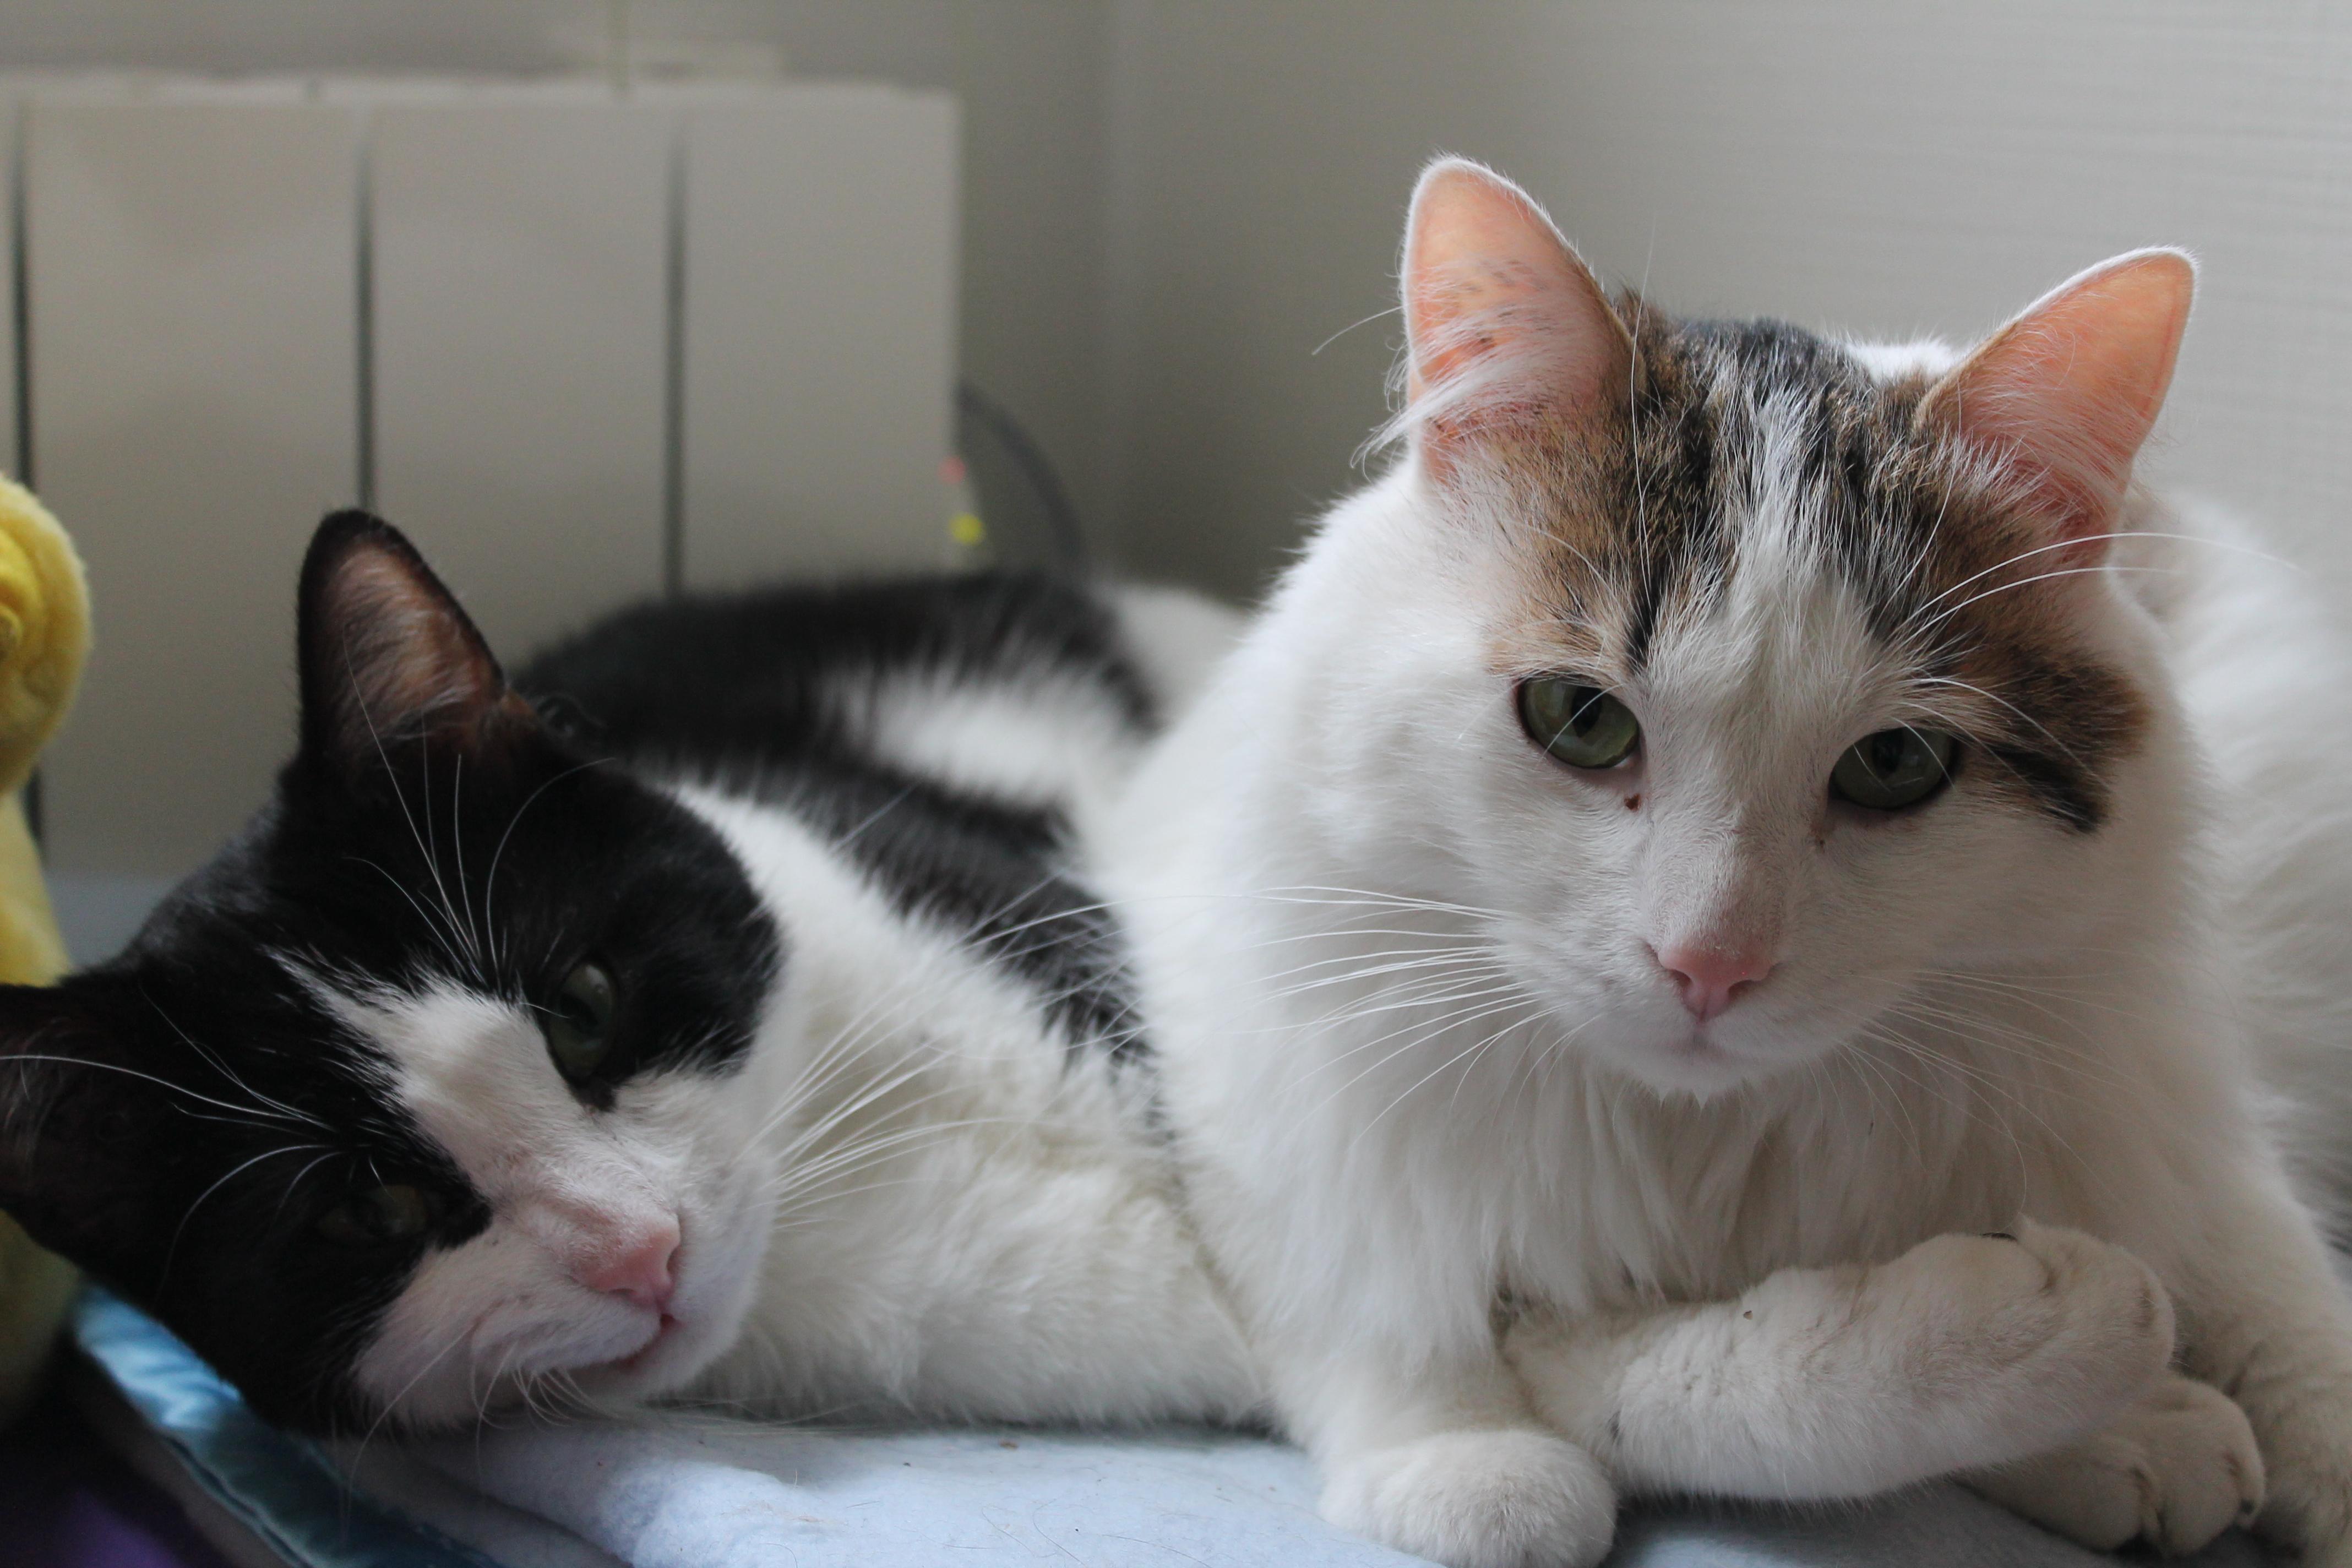 dumbo et felix adoption chien chat spa du centre loiret orl ans fert st aubin chilleurs. Black Bedroom Furniture Sets. Home Design Ideas